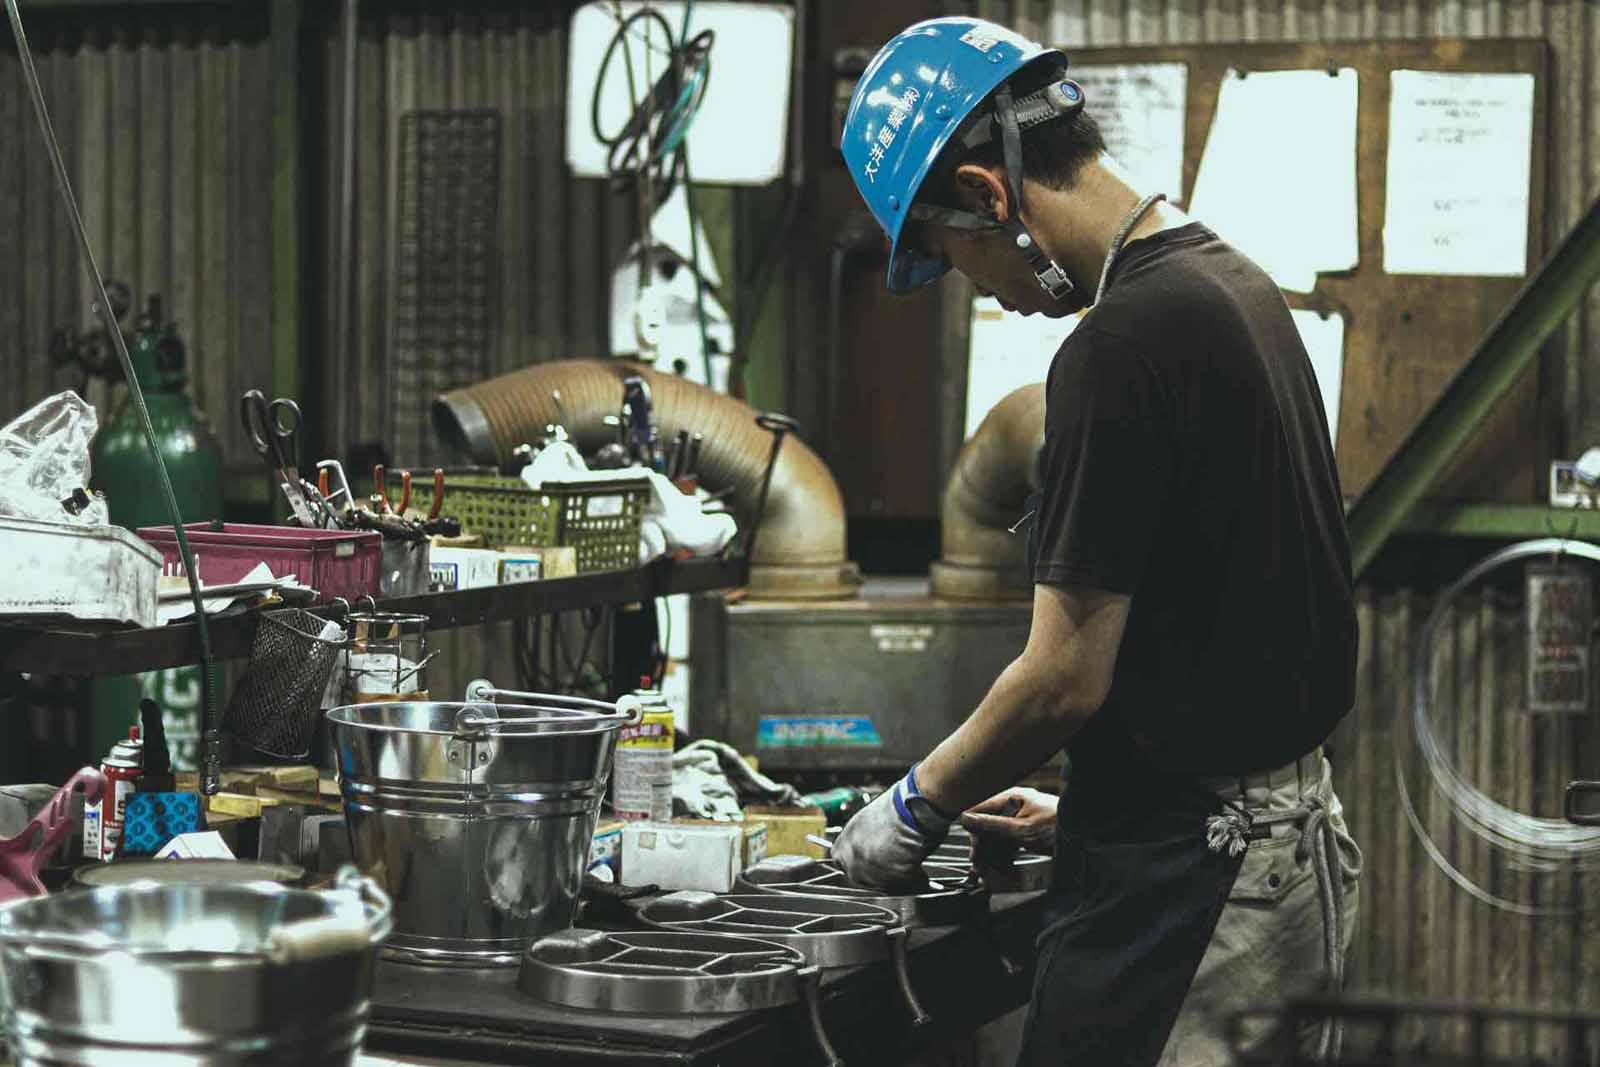 鋳物製造ヘッダー画像3